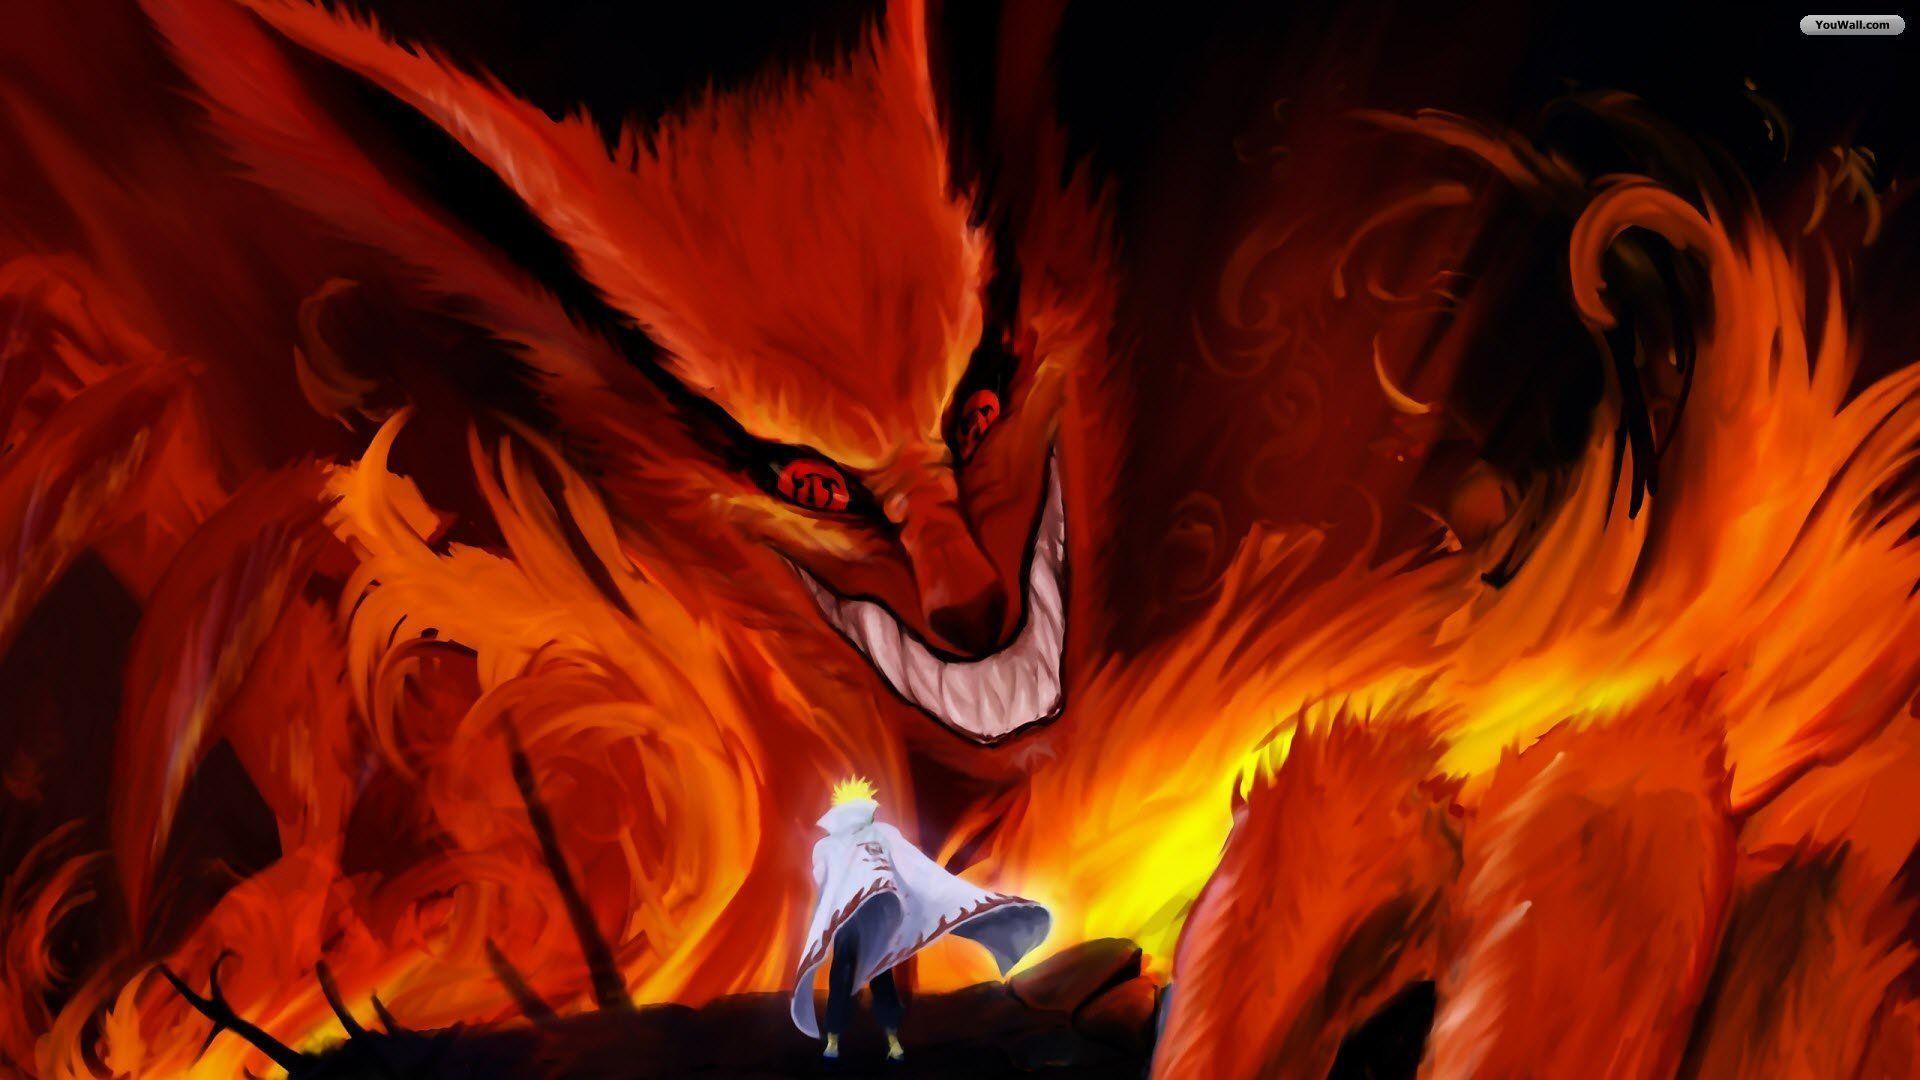 Kyubi Anime Naruto Wallpaper HD | Free HD Desktop Wallpaper .